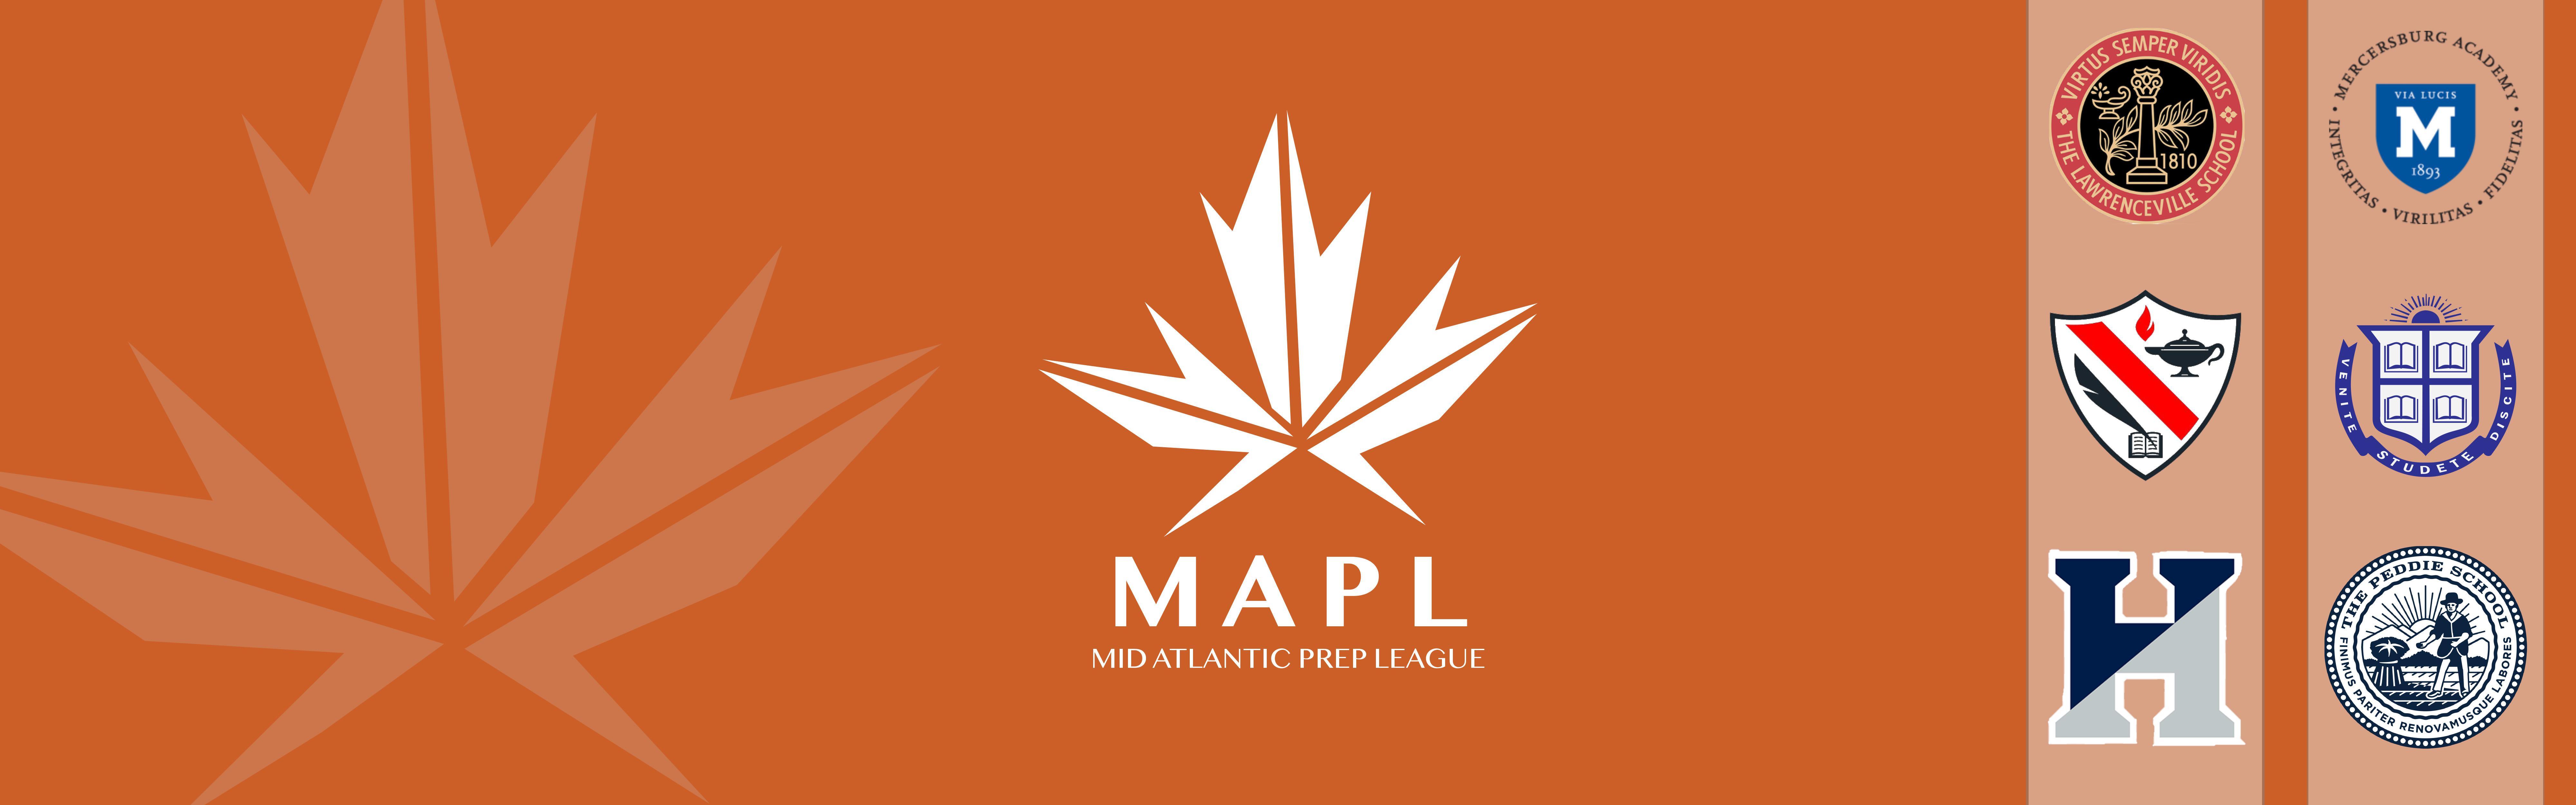 Mapl banner v5 squash